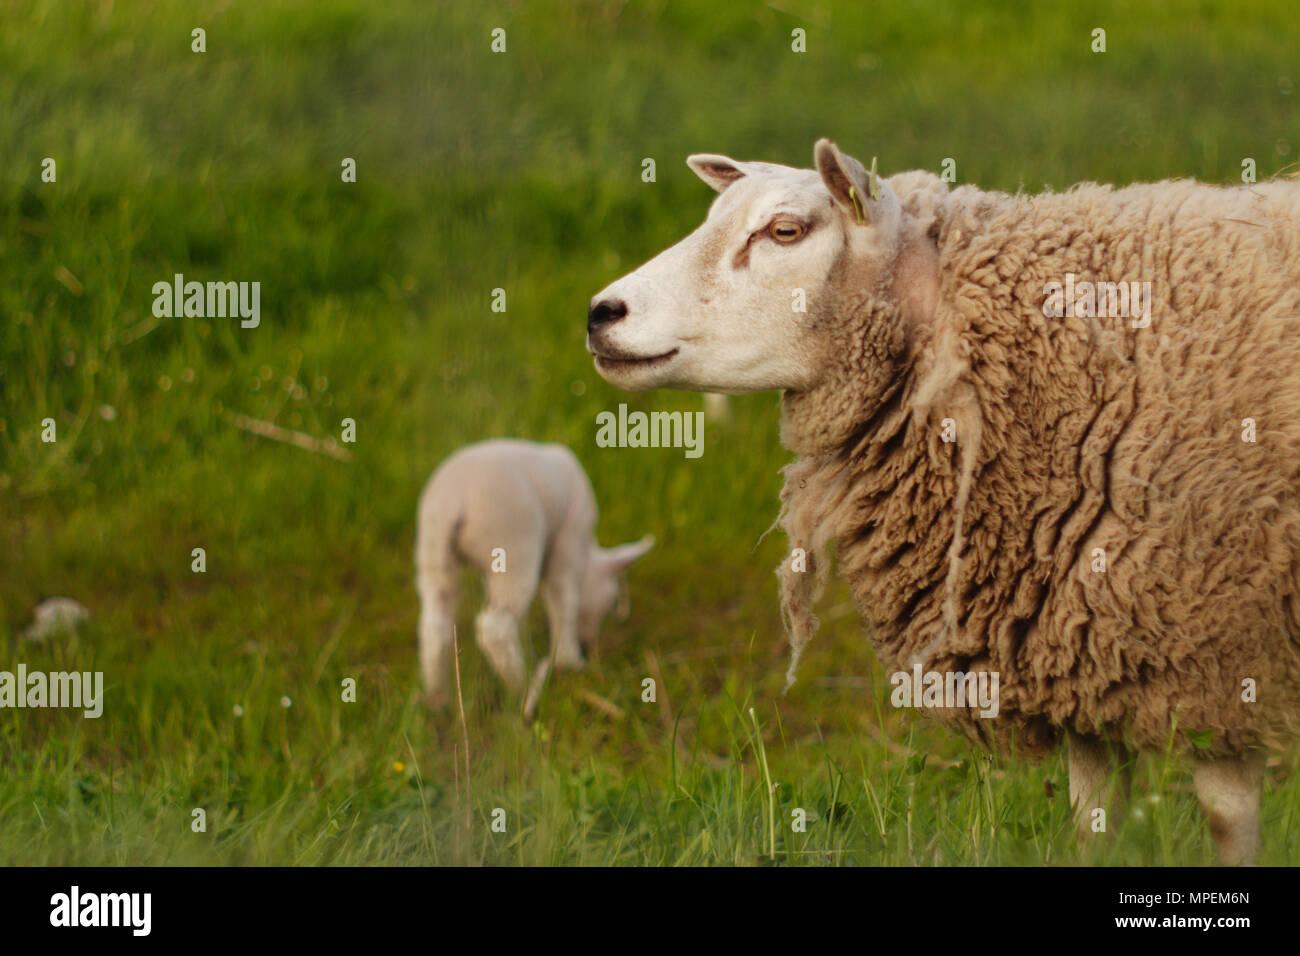 Vista lateral de una oveja, su cordero es el pastoreo en el fondo. Imagen De Stock